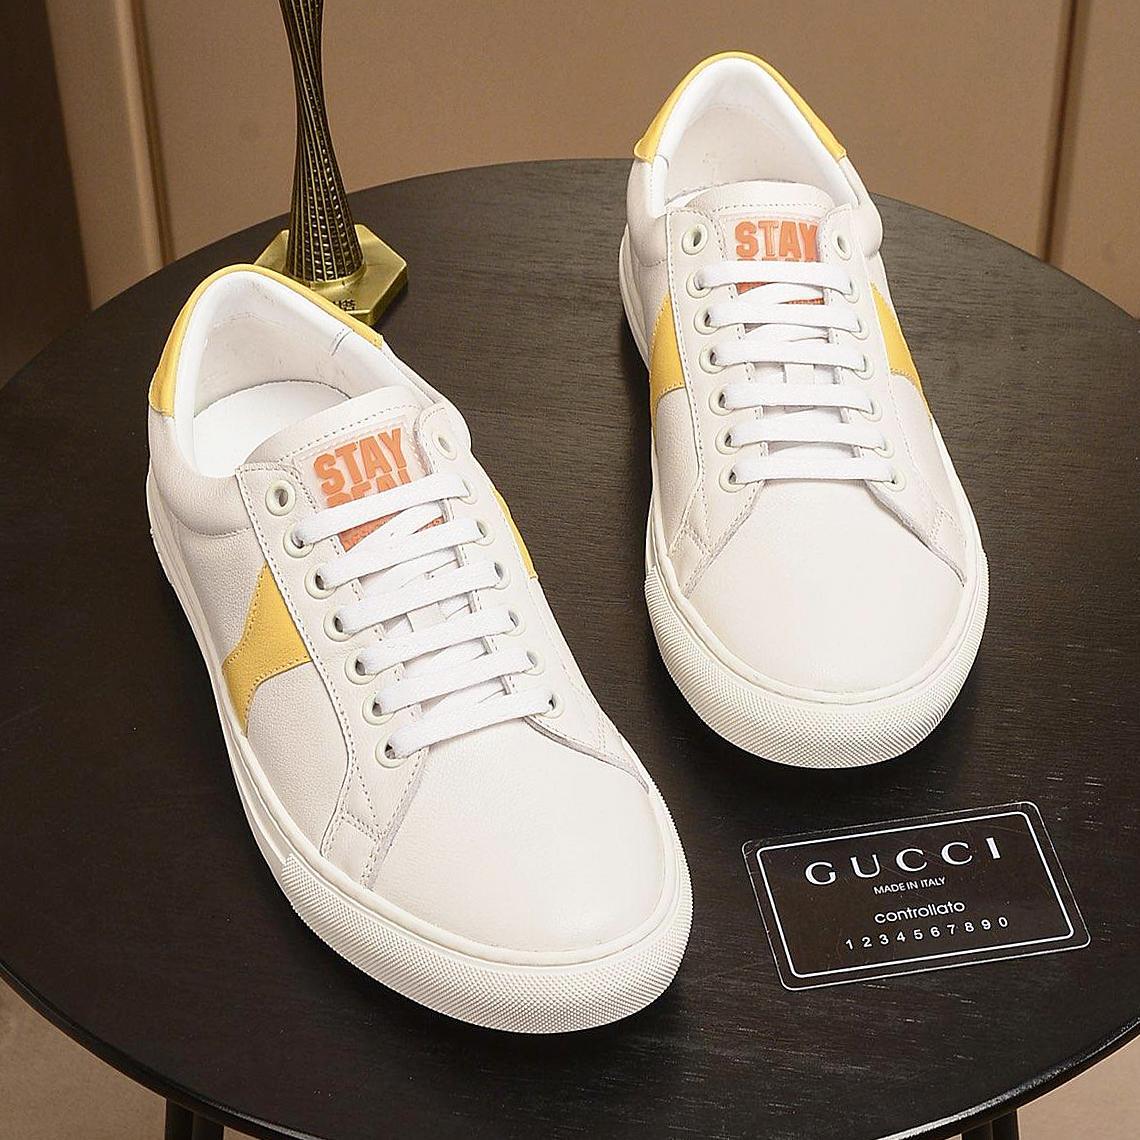 Novo highquality top clássico mens calçados casuais, design de alta qualidade mens skateboarding boarding shoes, sapatos de couro dos homens sapatos baixos com qp